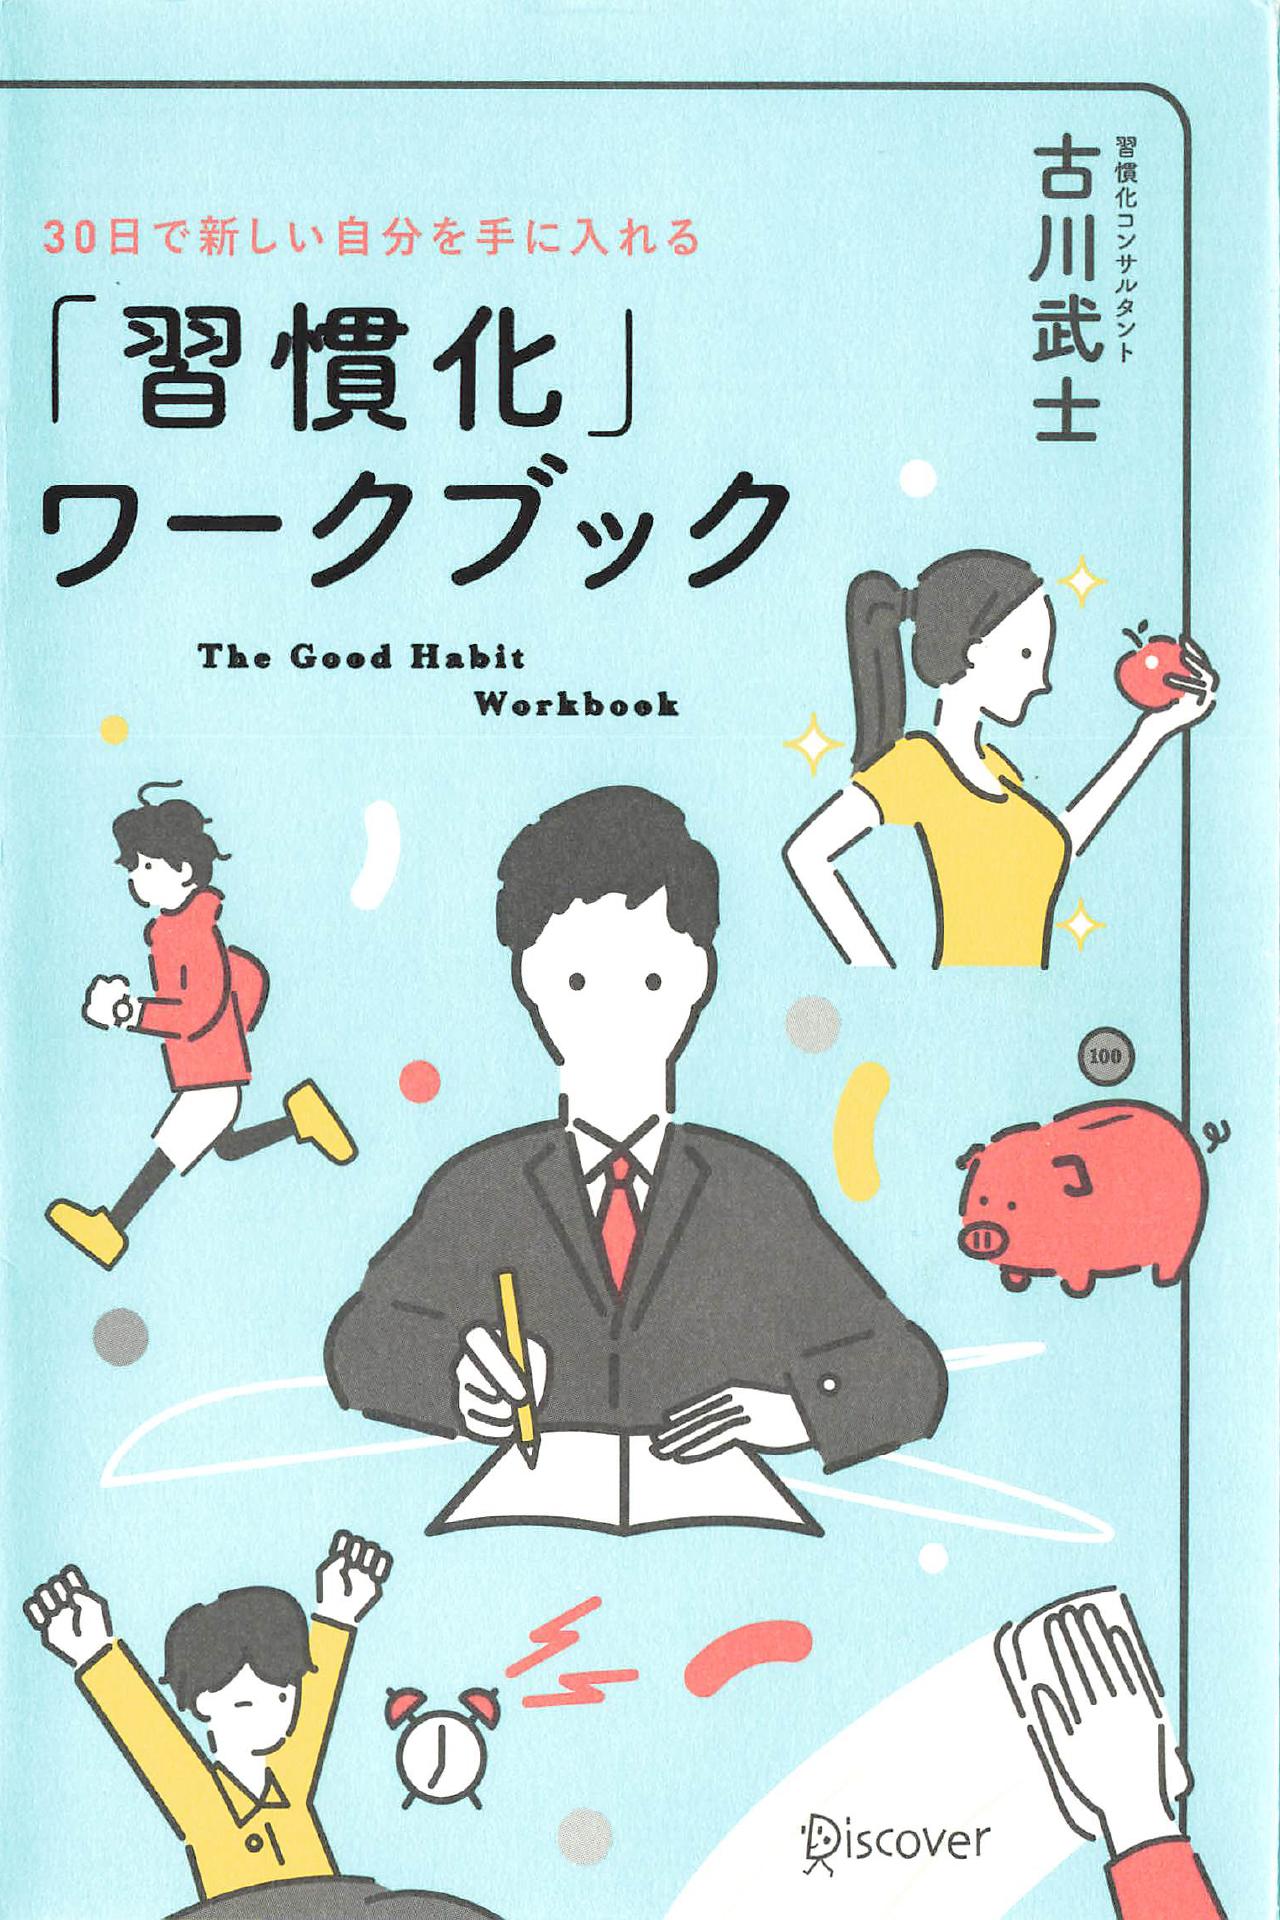 「習慣化」ワークブック